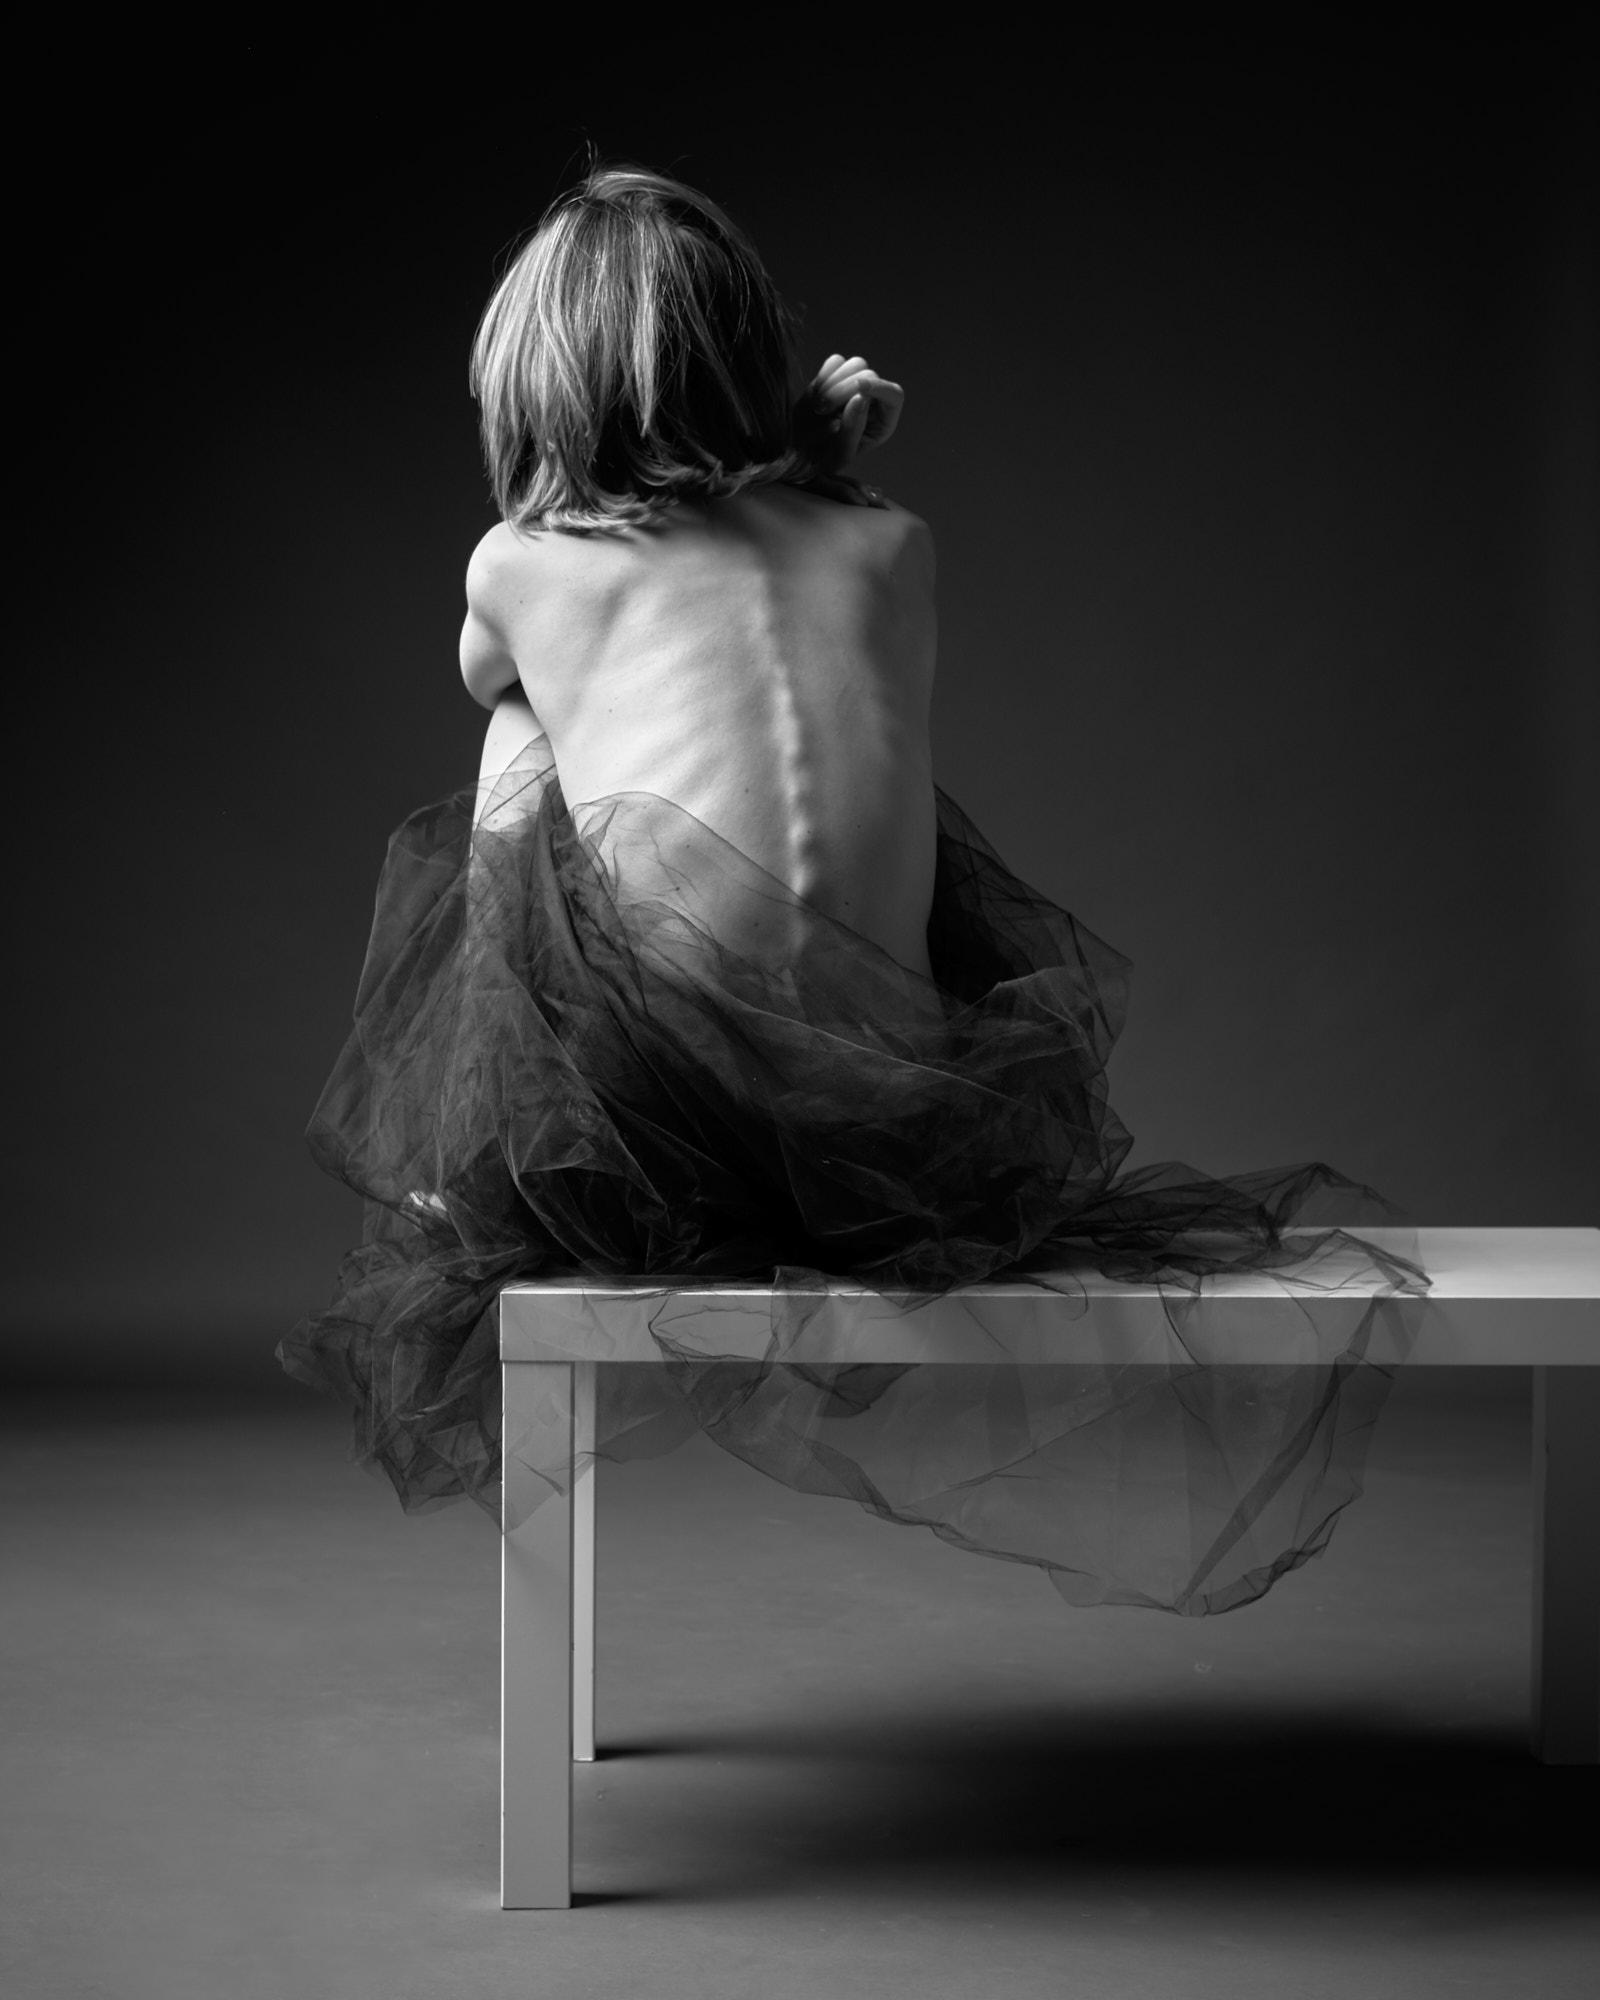 Femme réfléchir dos back douceur